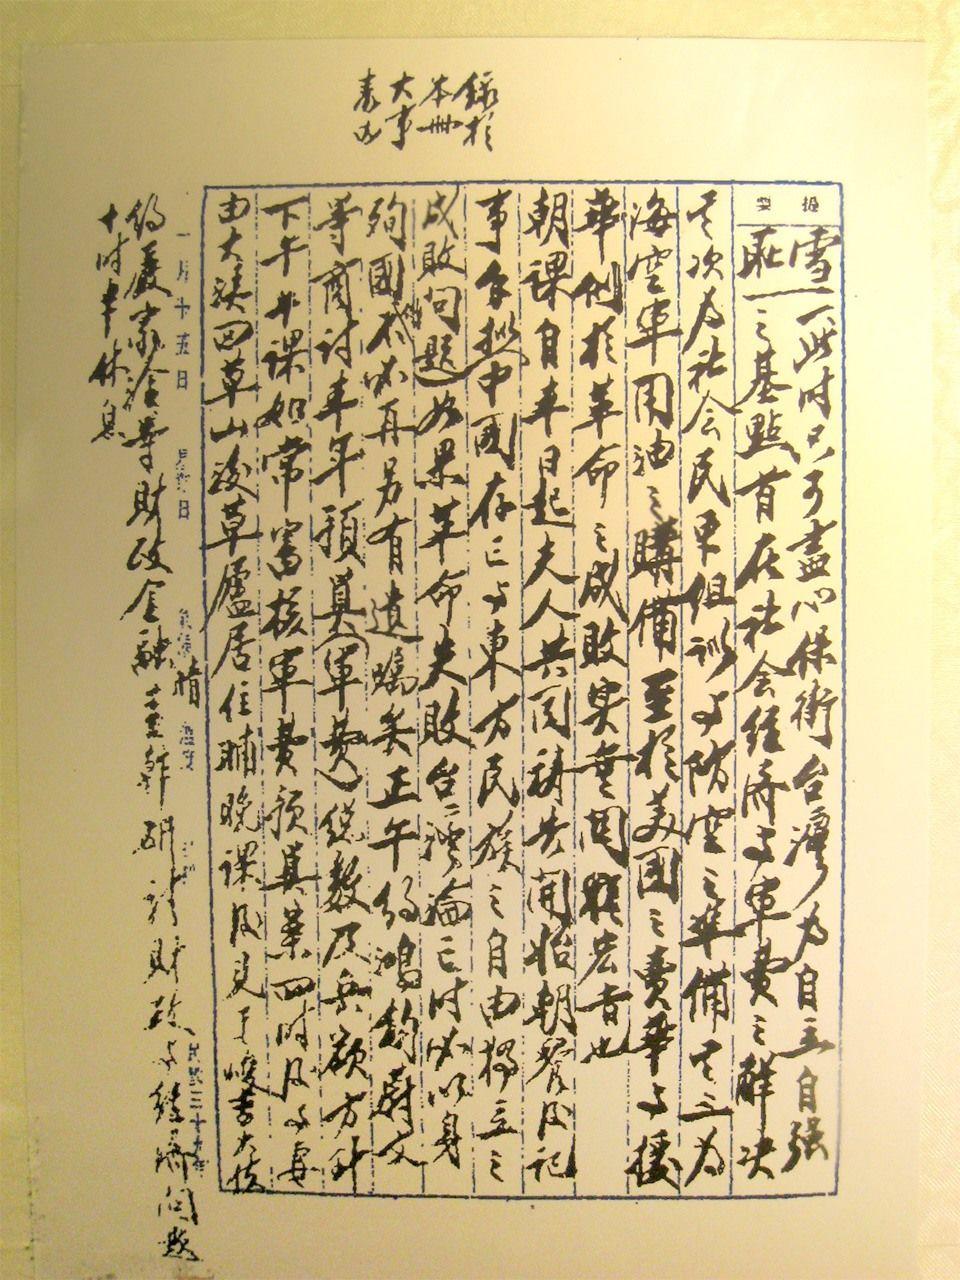 蒋介石日記の一ページ(フーバー研究所提供)